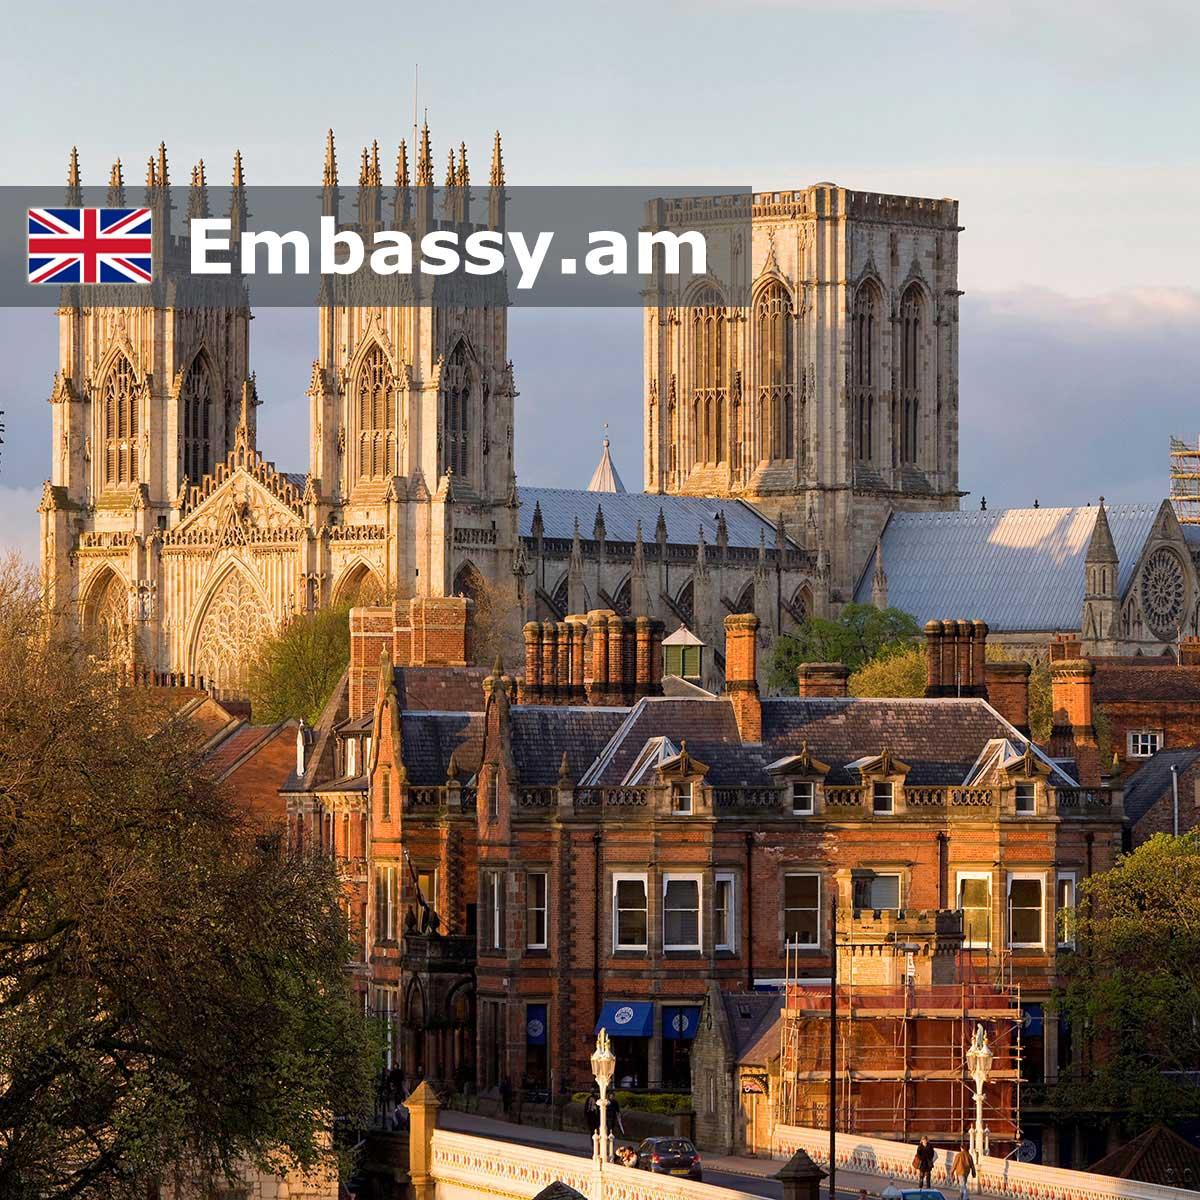 York - Hotels in United Kingdom - Embassy.am